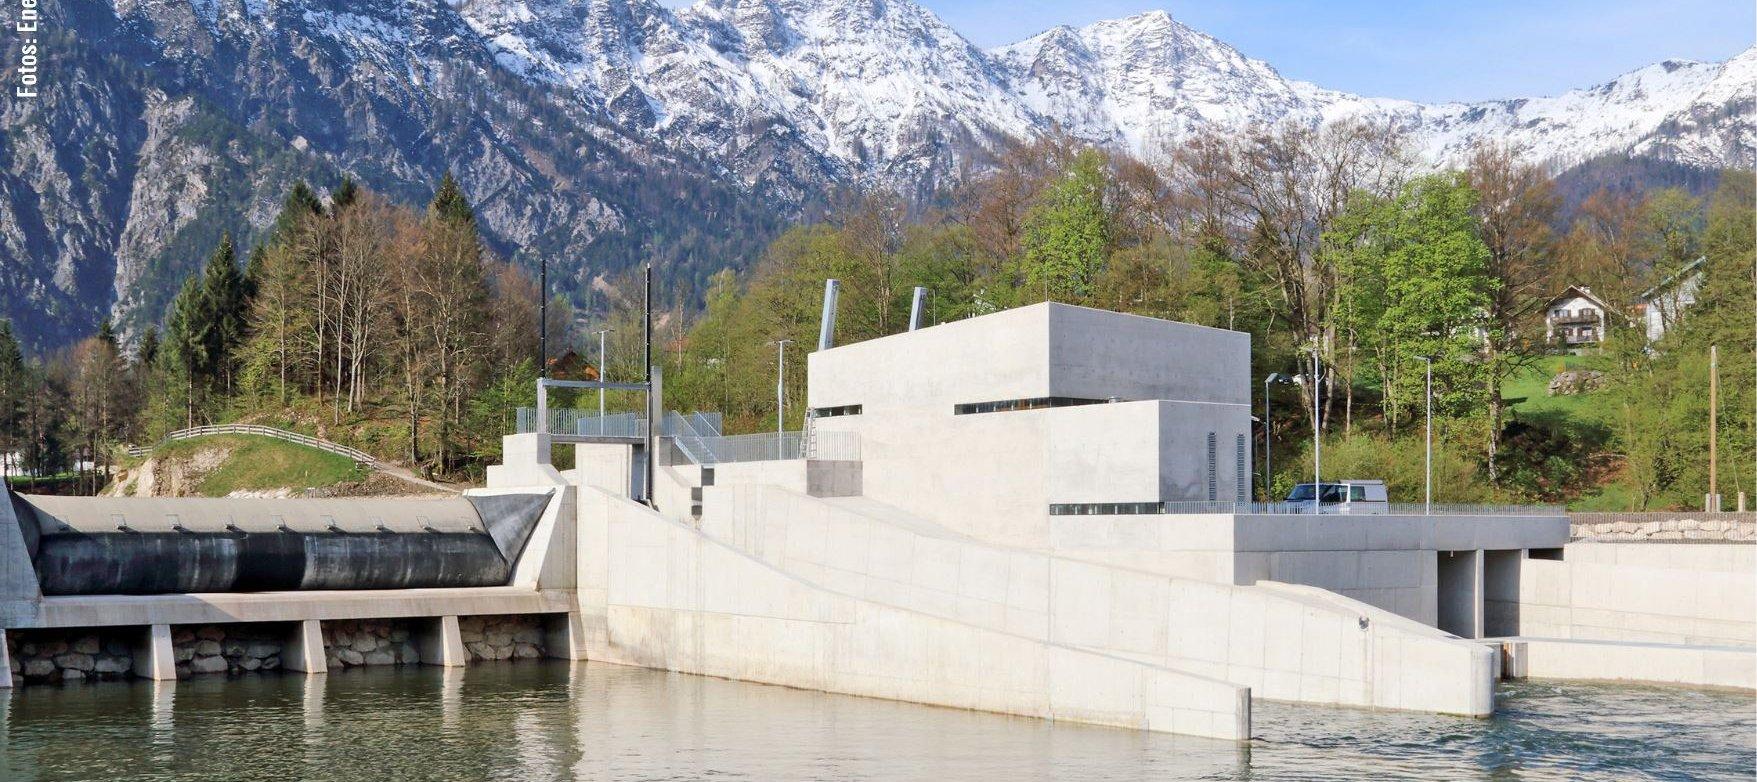 Foto: Energie AG